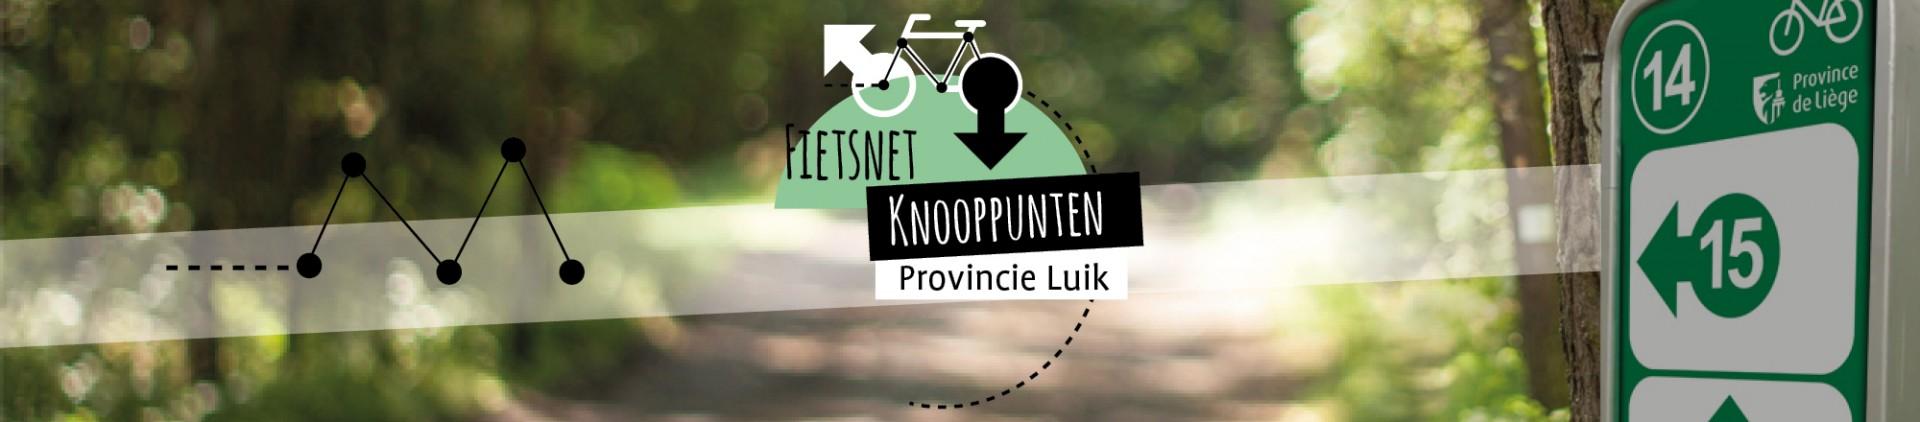 Knooppuntenroutes in de provincie Luik